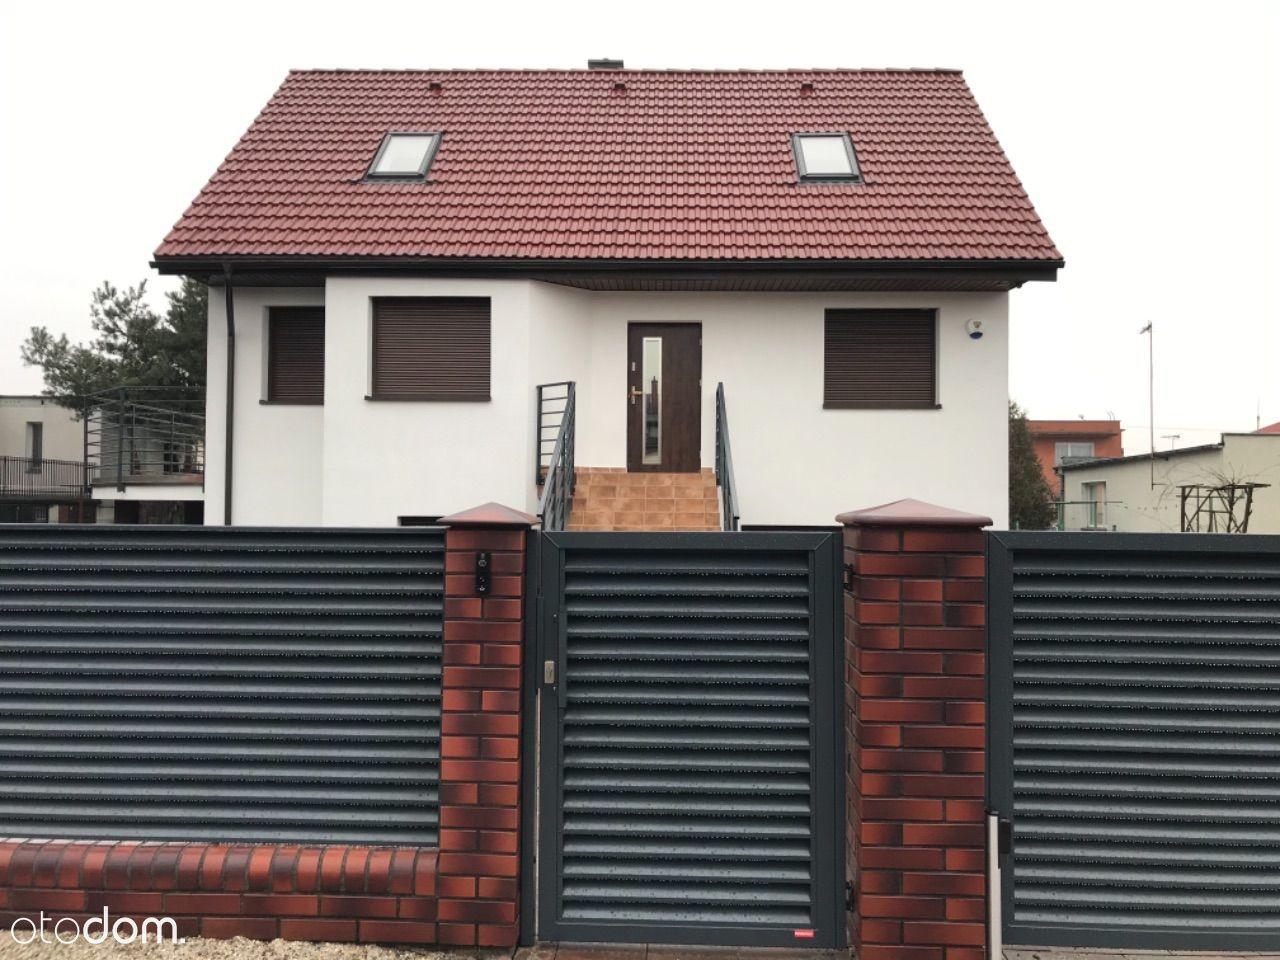 Nowy dom - wysoki standard